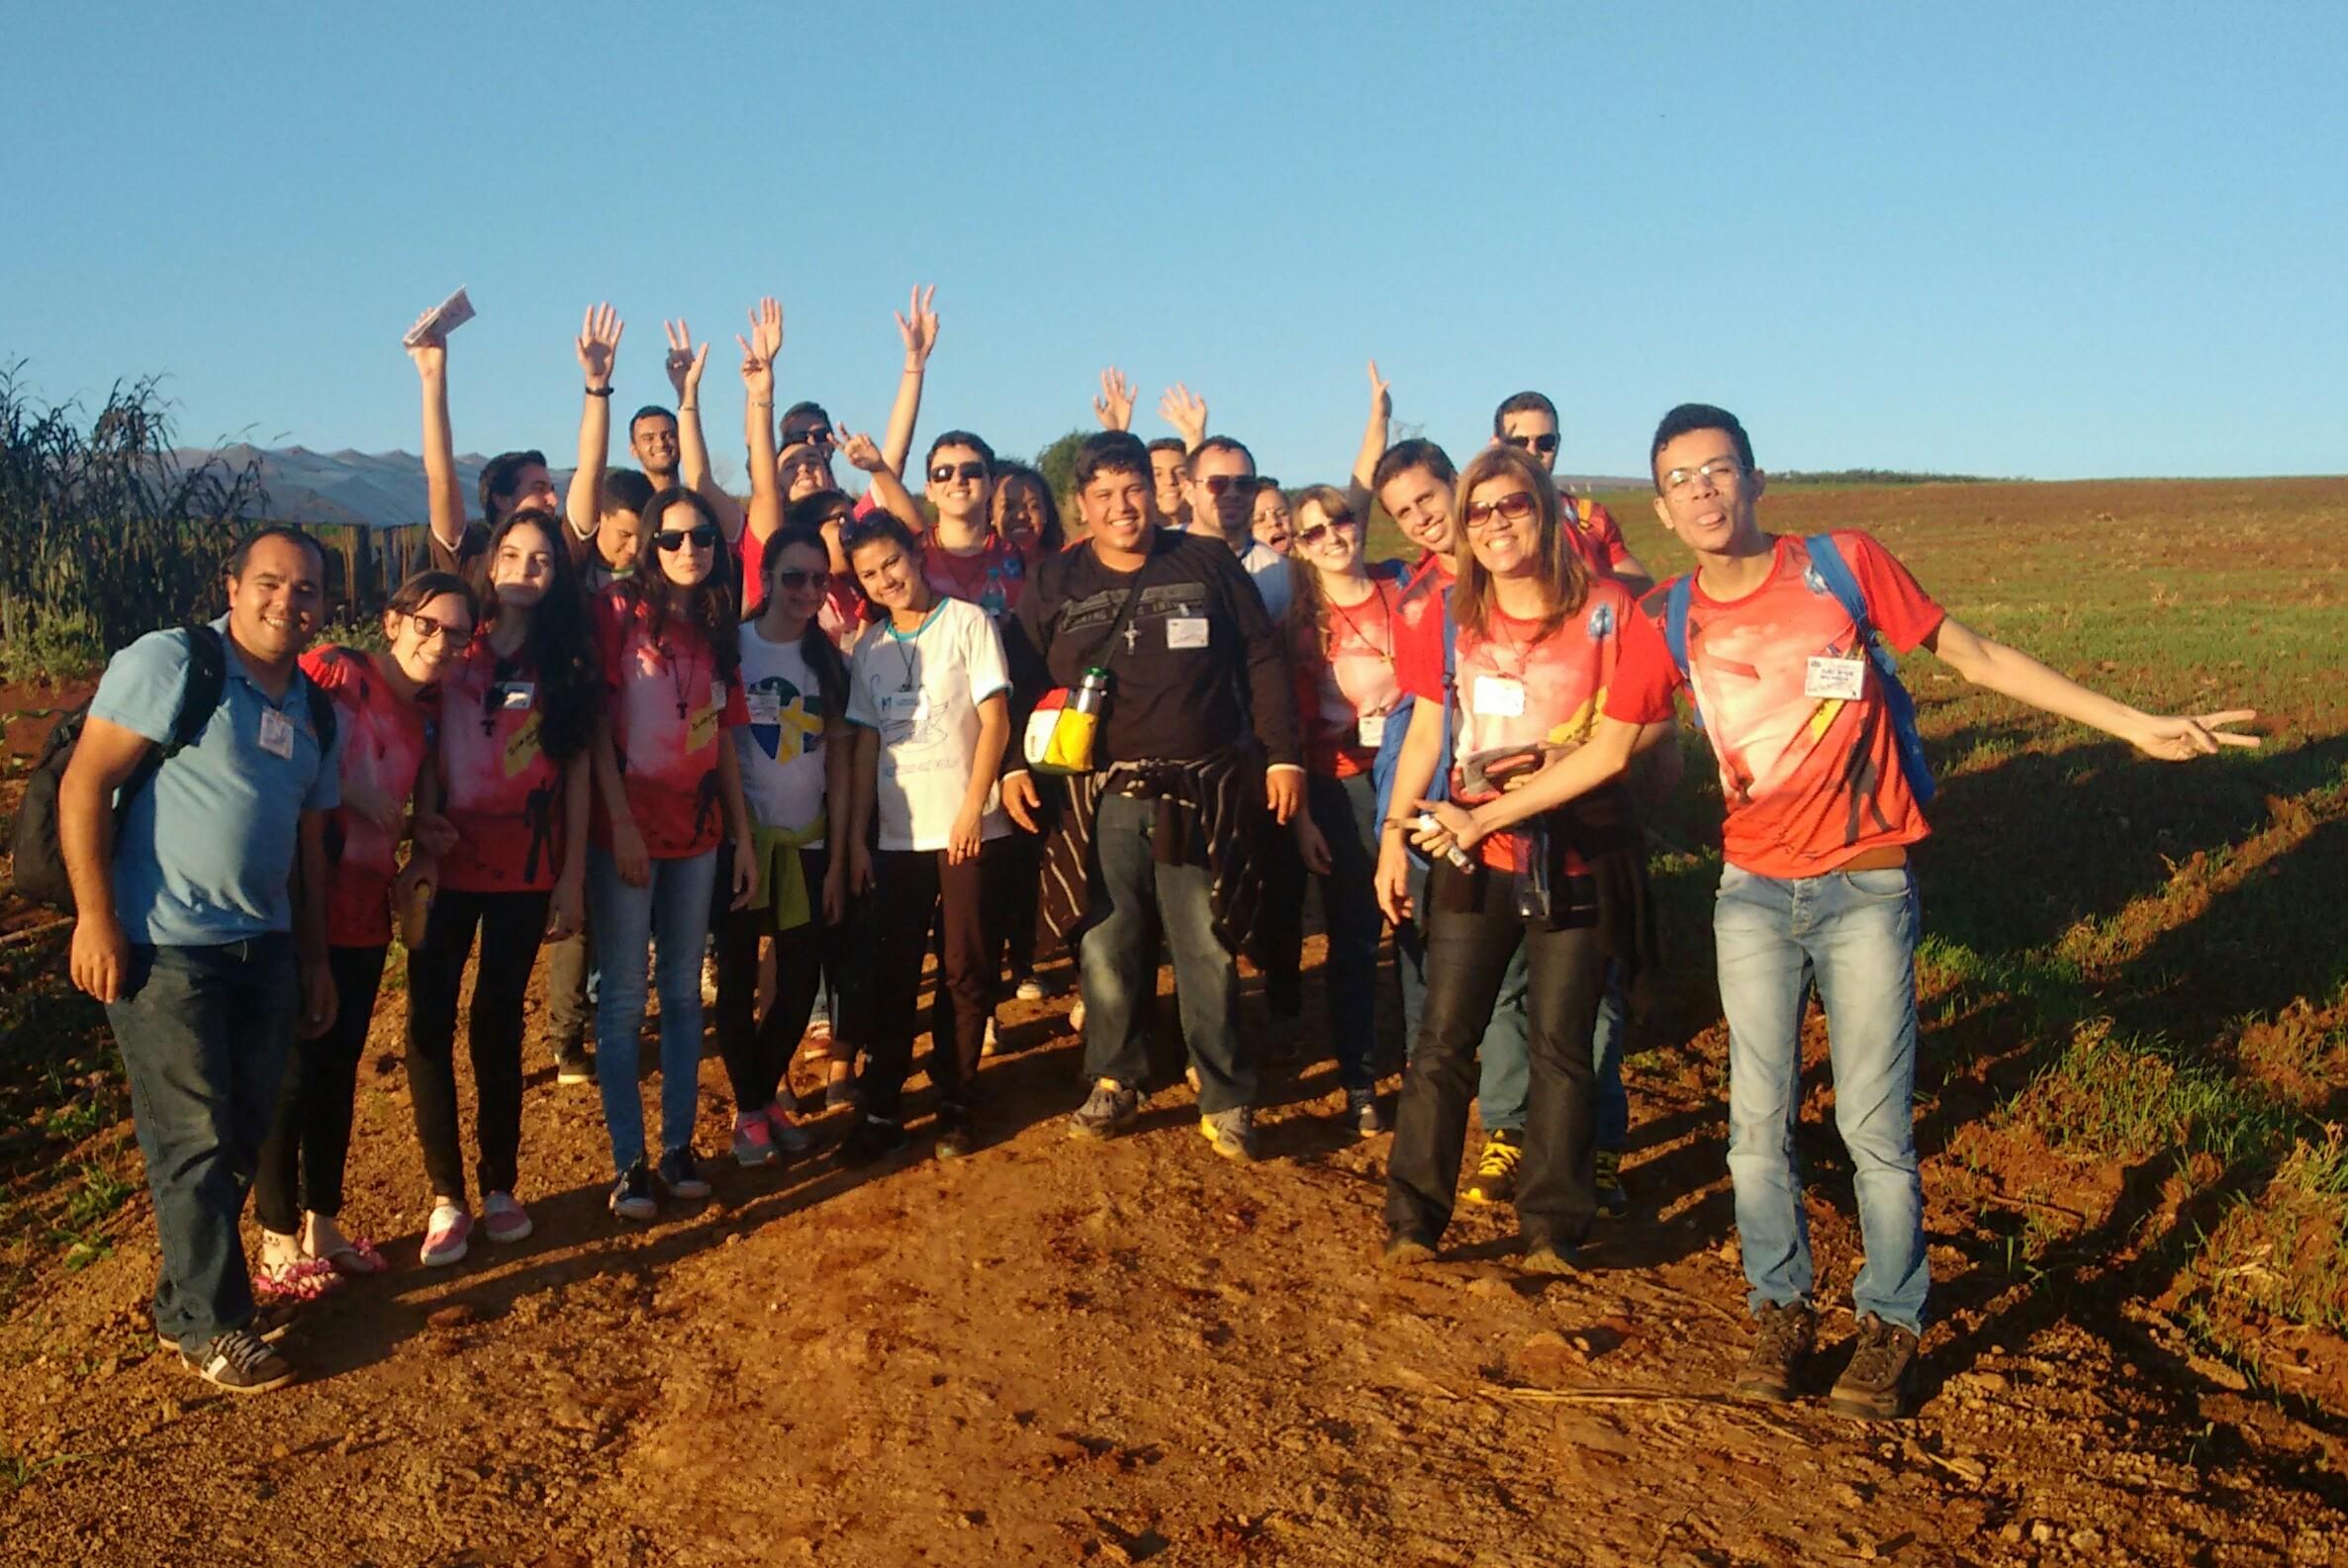 Juventude Missionária do Paraná realiza 1ª Missão Estadual